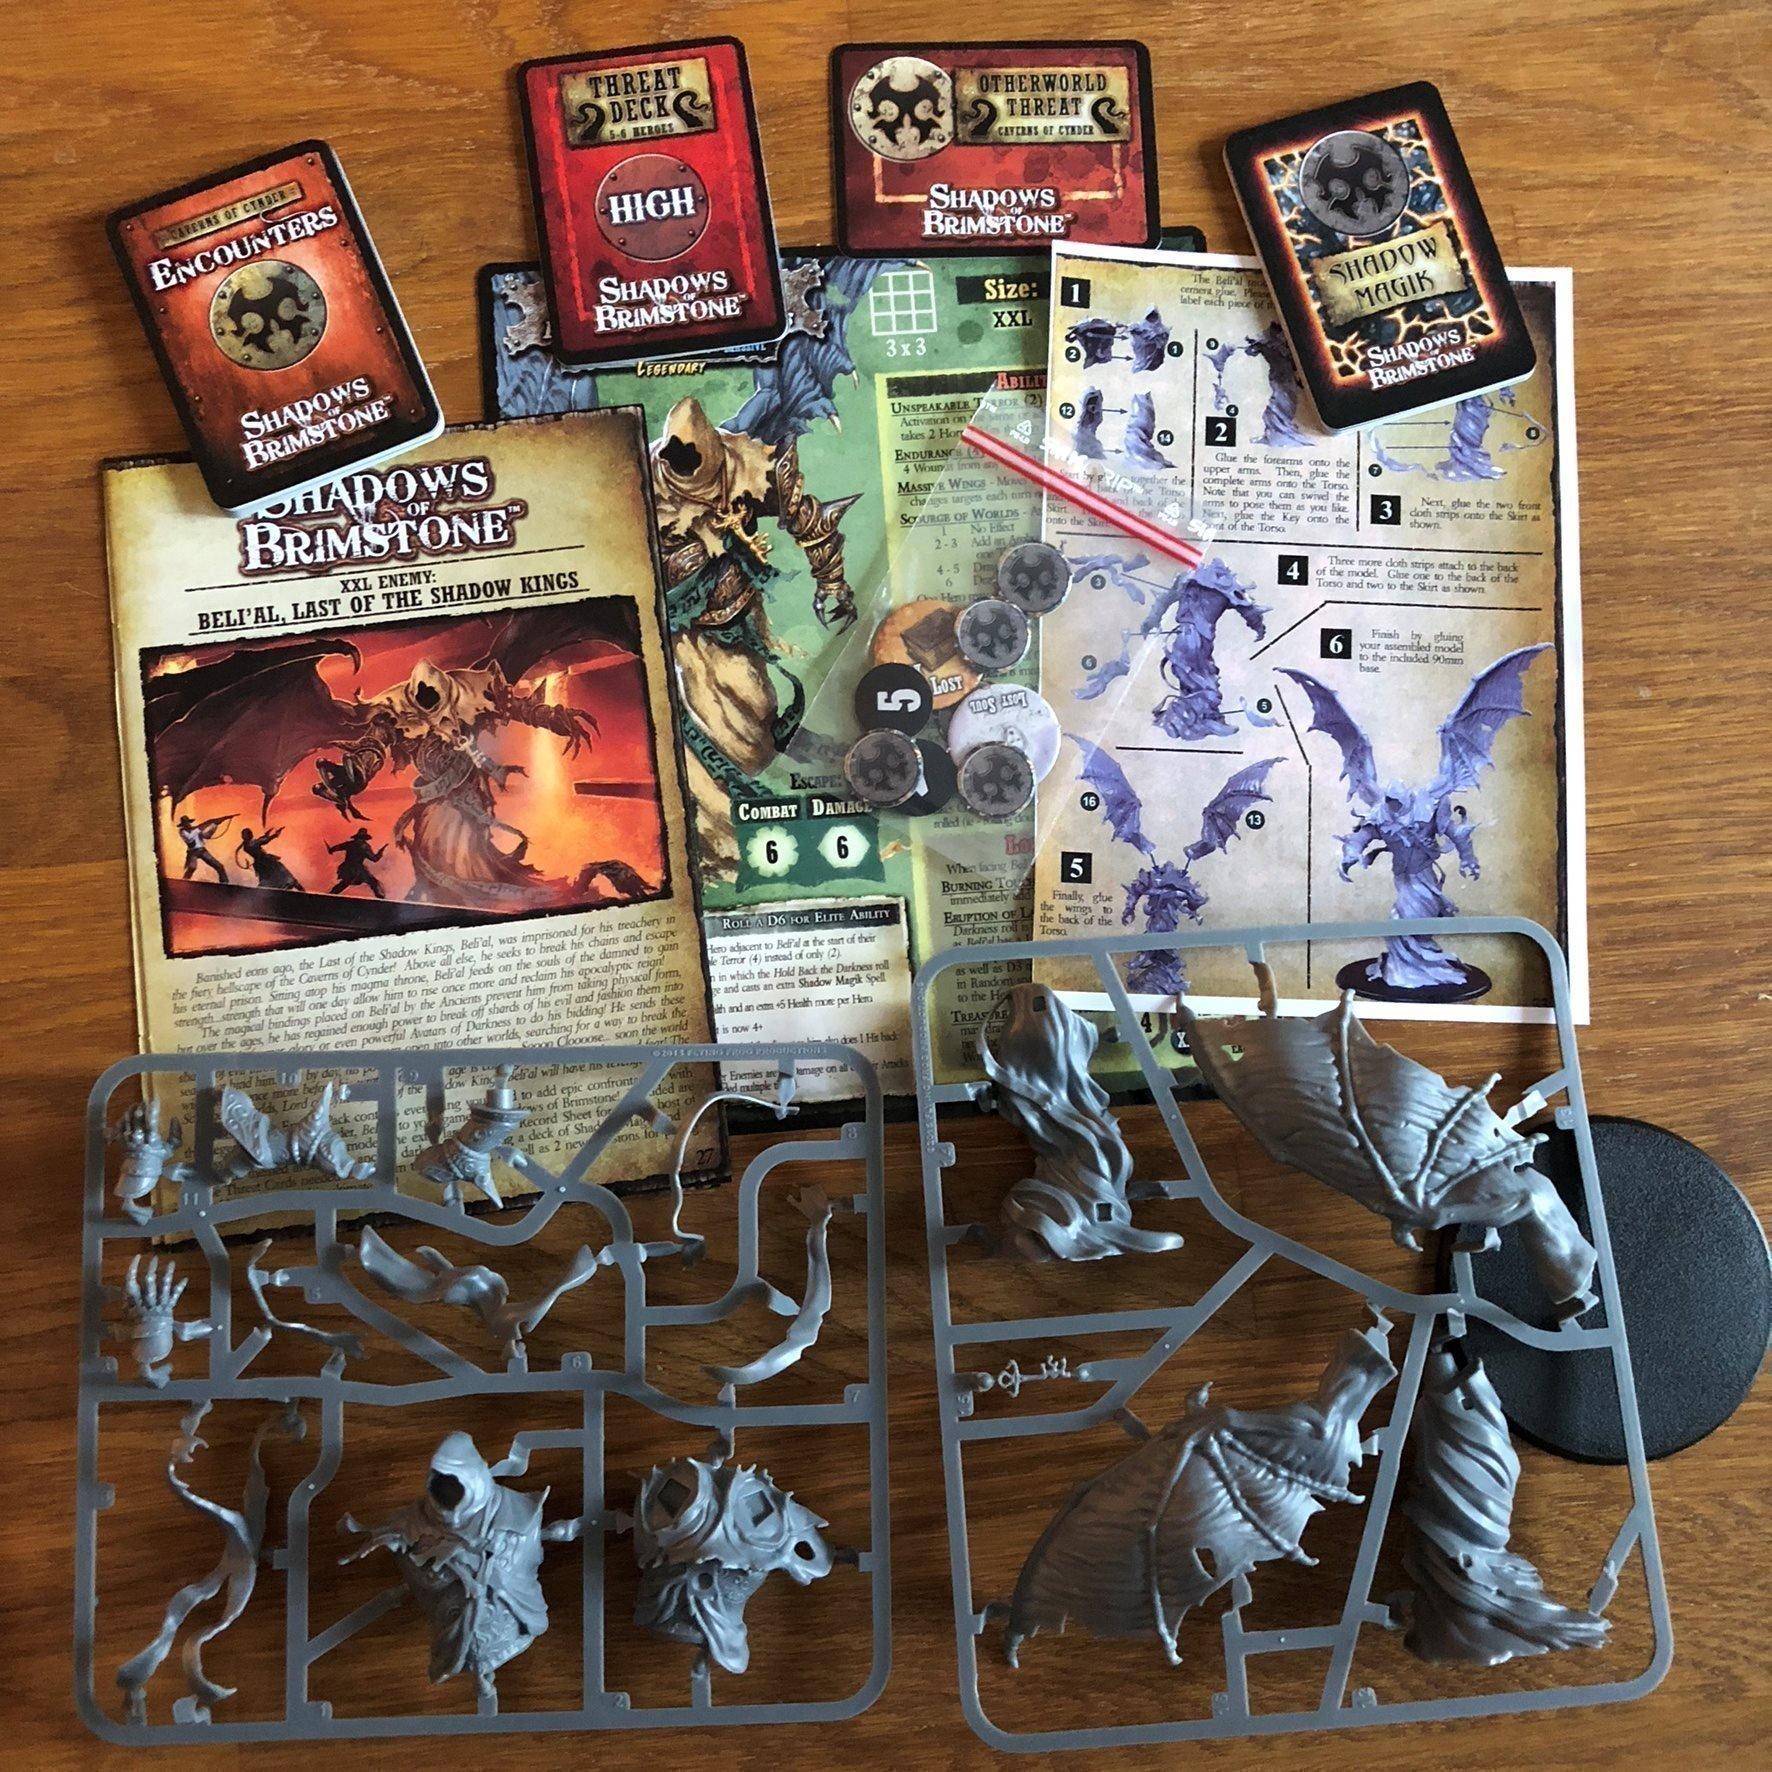 Shadows of Brimstone Beli'al Last Of The Shadow Kings Enemy Pack